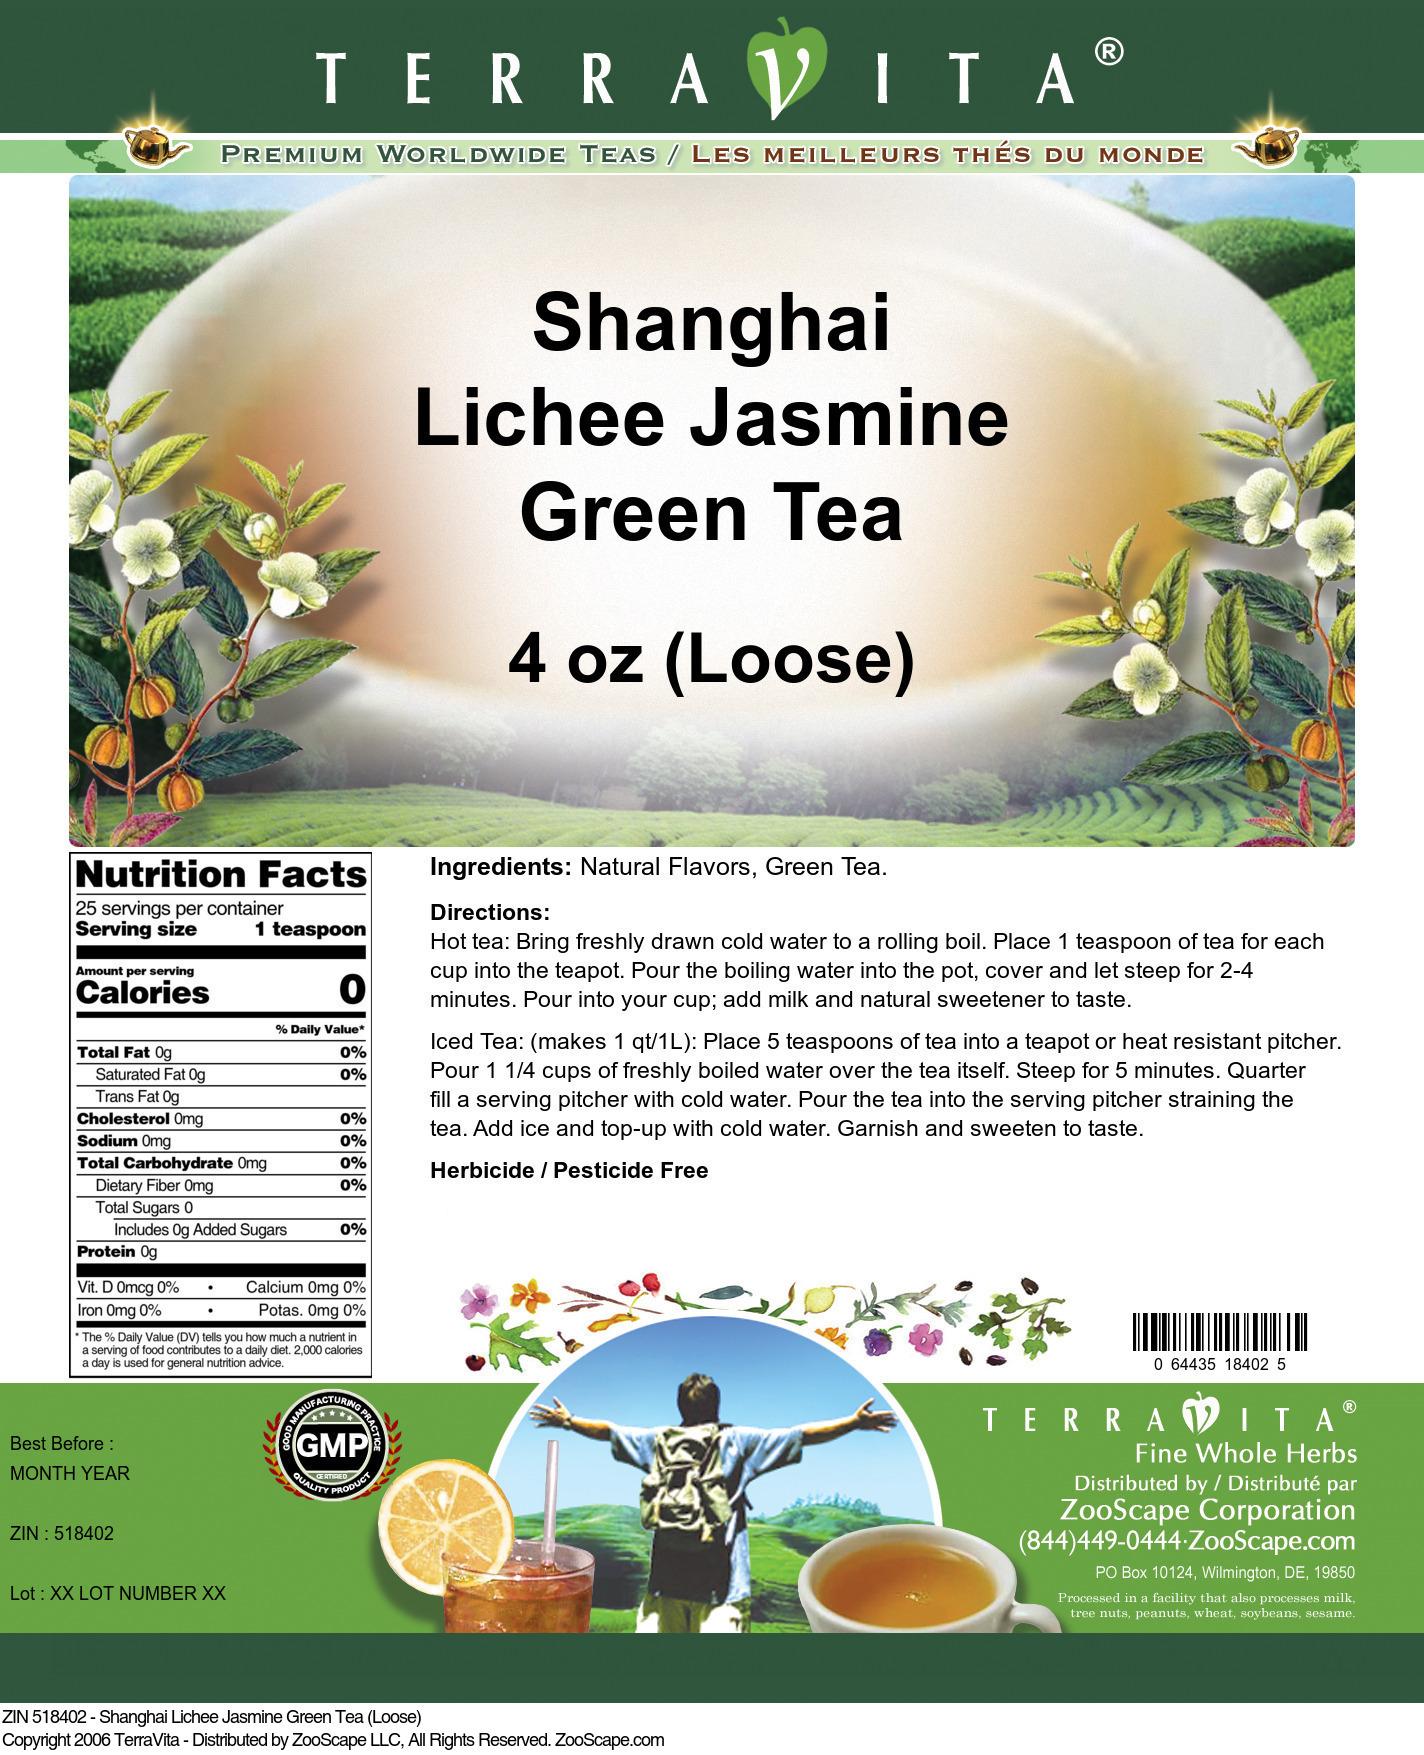 Shanghai Lichee Jasmine Green Tea